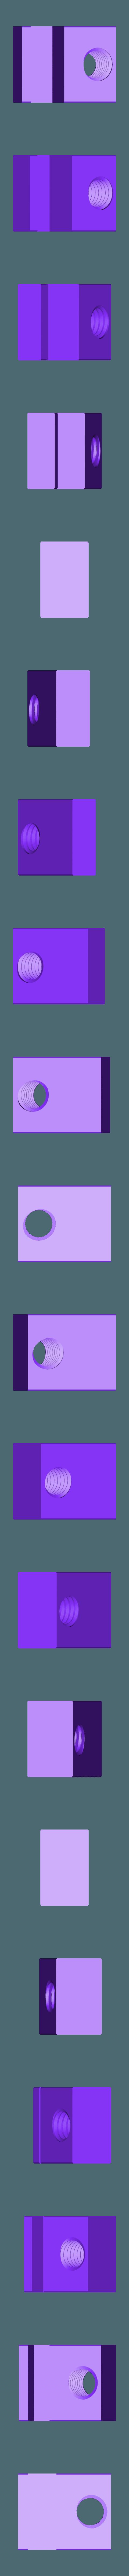 5GS_back.stl Télécharger fichier STL gratuit Réplicateurs de 5ème génération pour la fabrication de plaques stablizers • Plan à imprimer en 3D, Muzz64